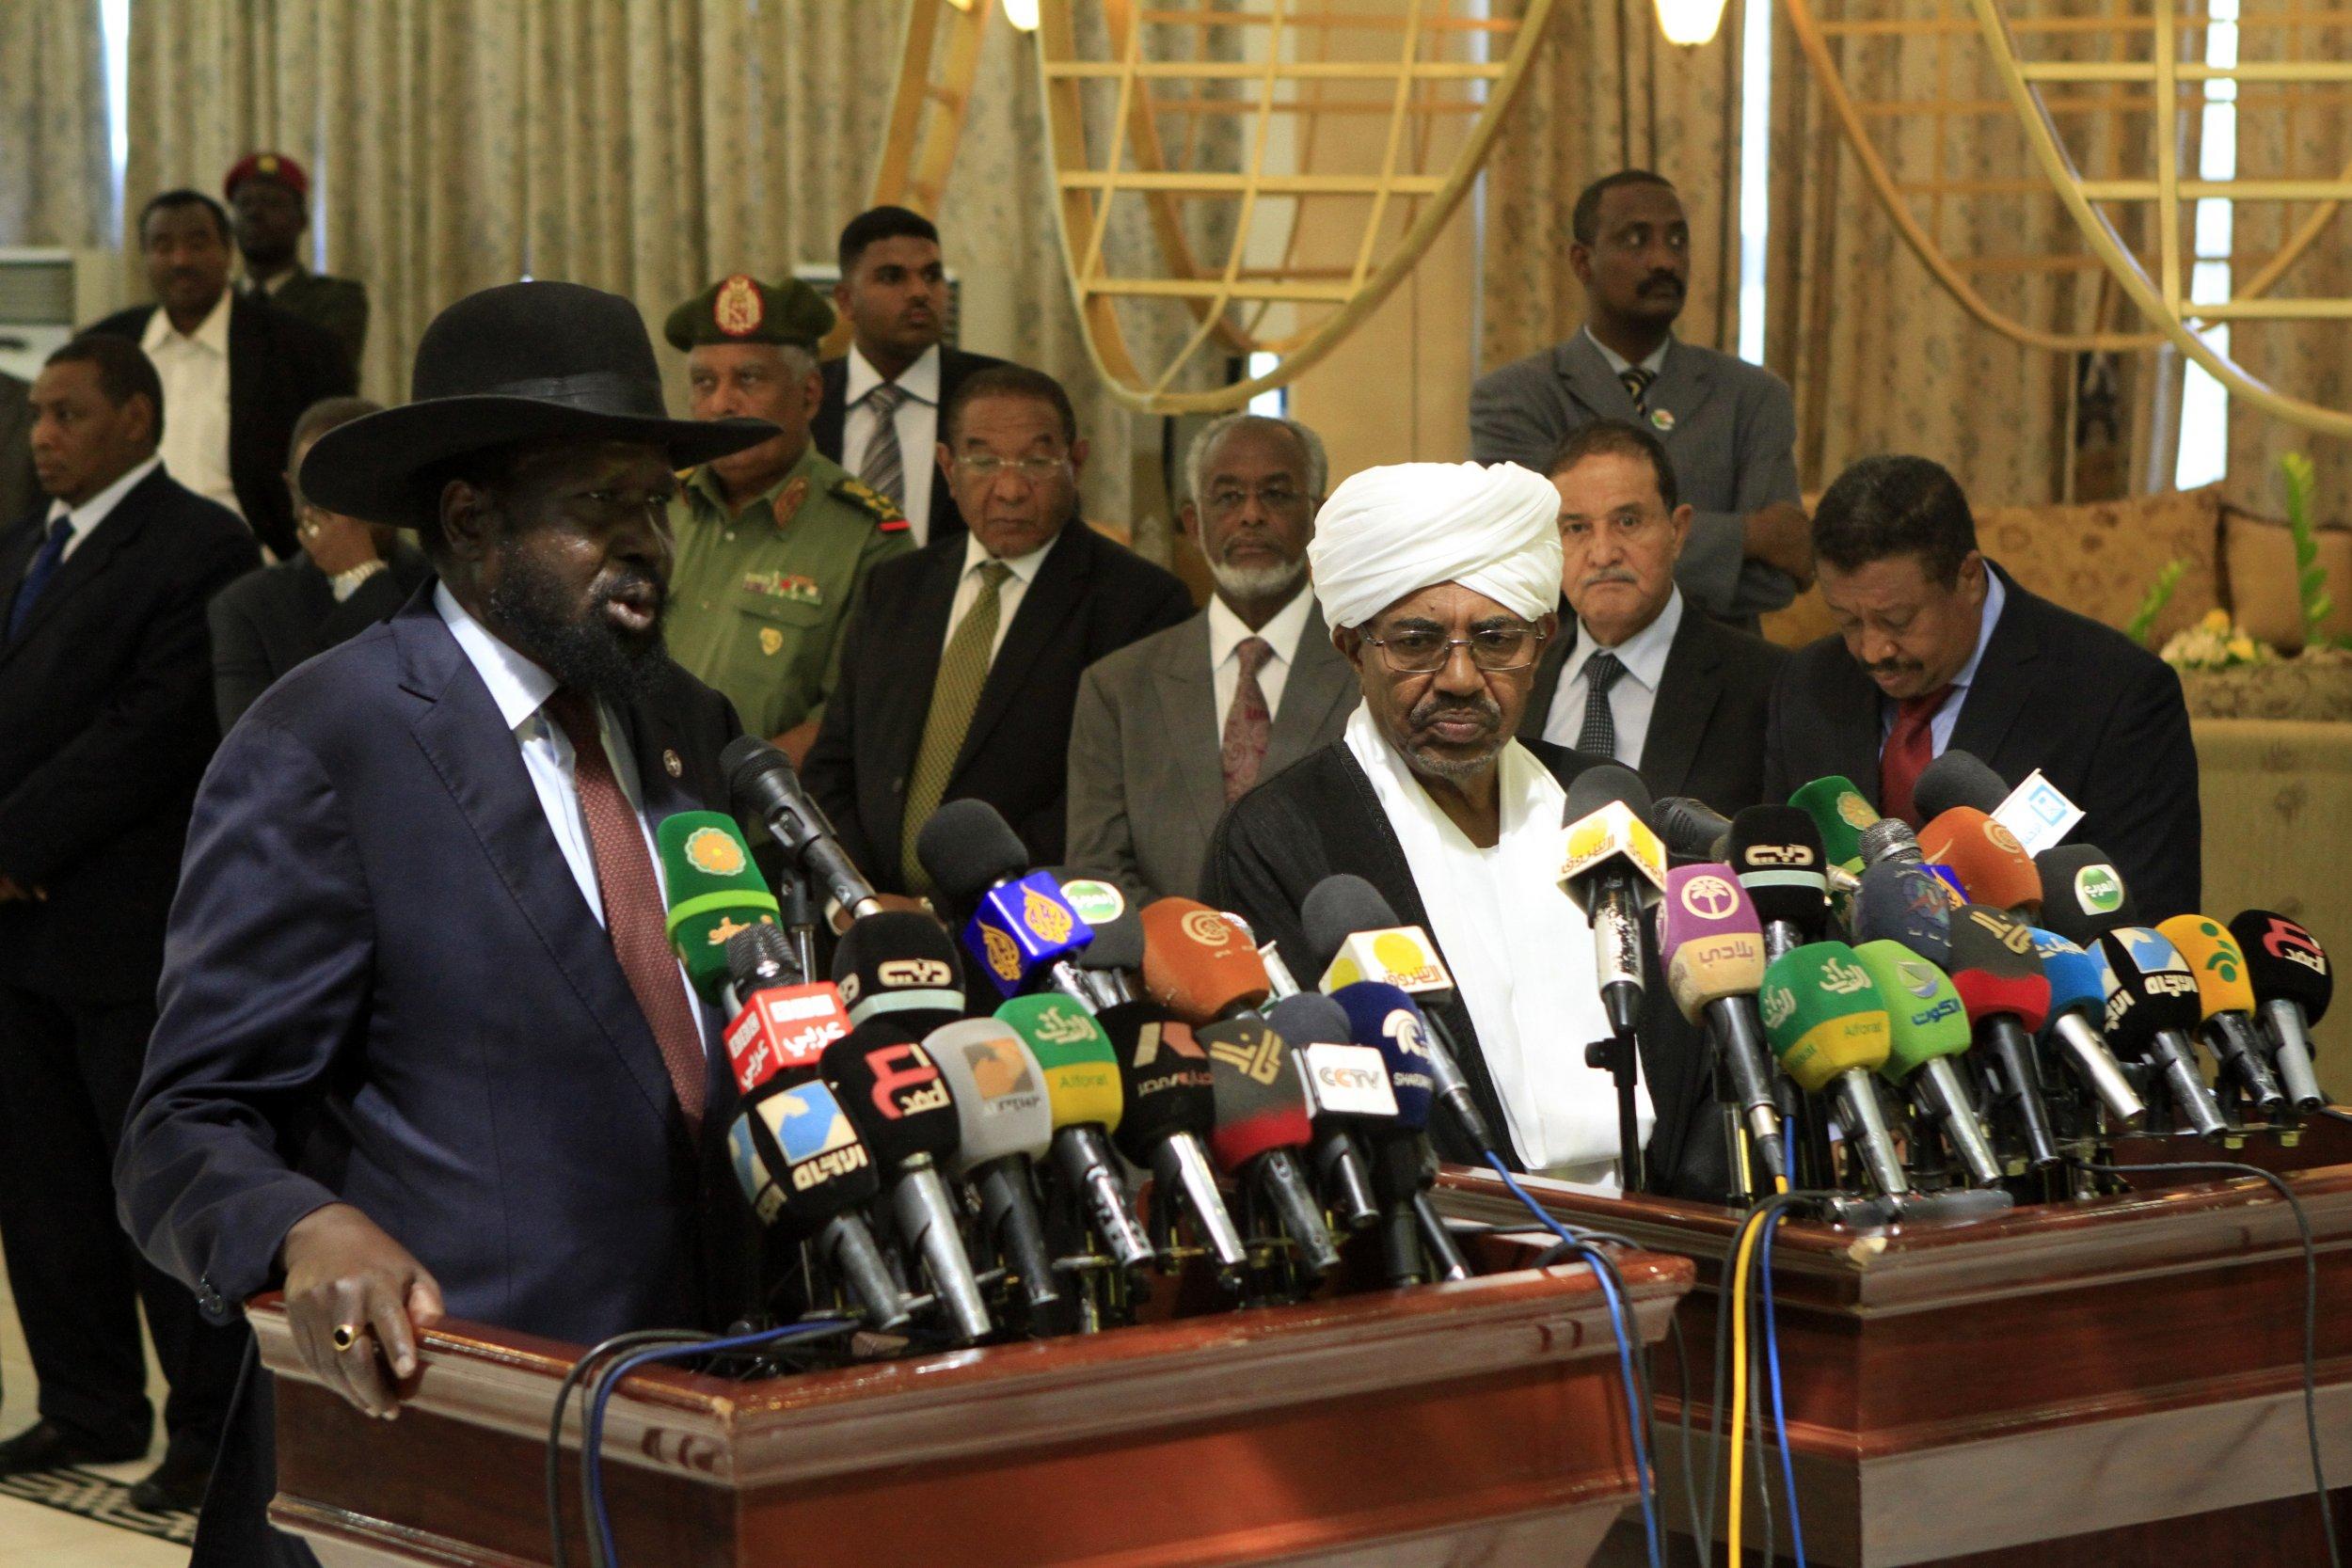 South Sudan President Salva Kiir and Sudan President Omar al-Bashir speak in Khartoum.